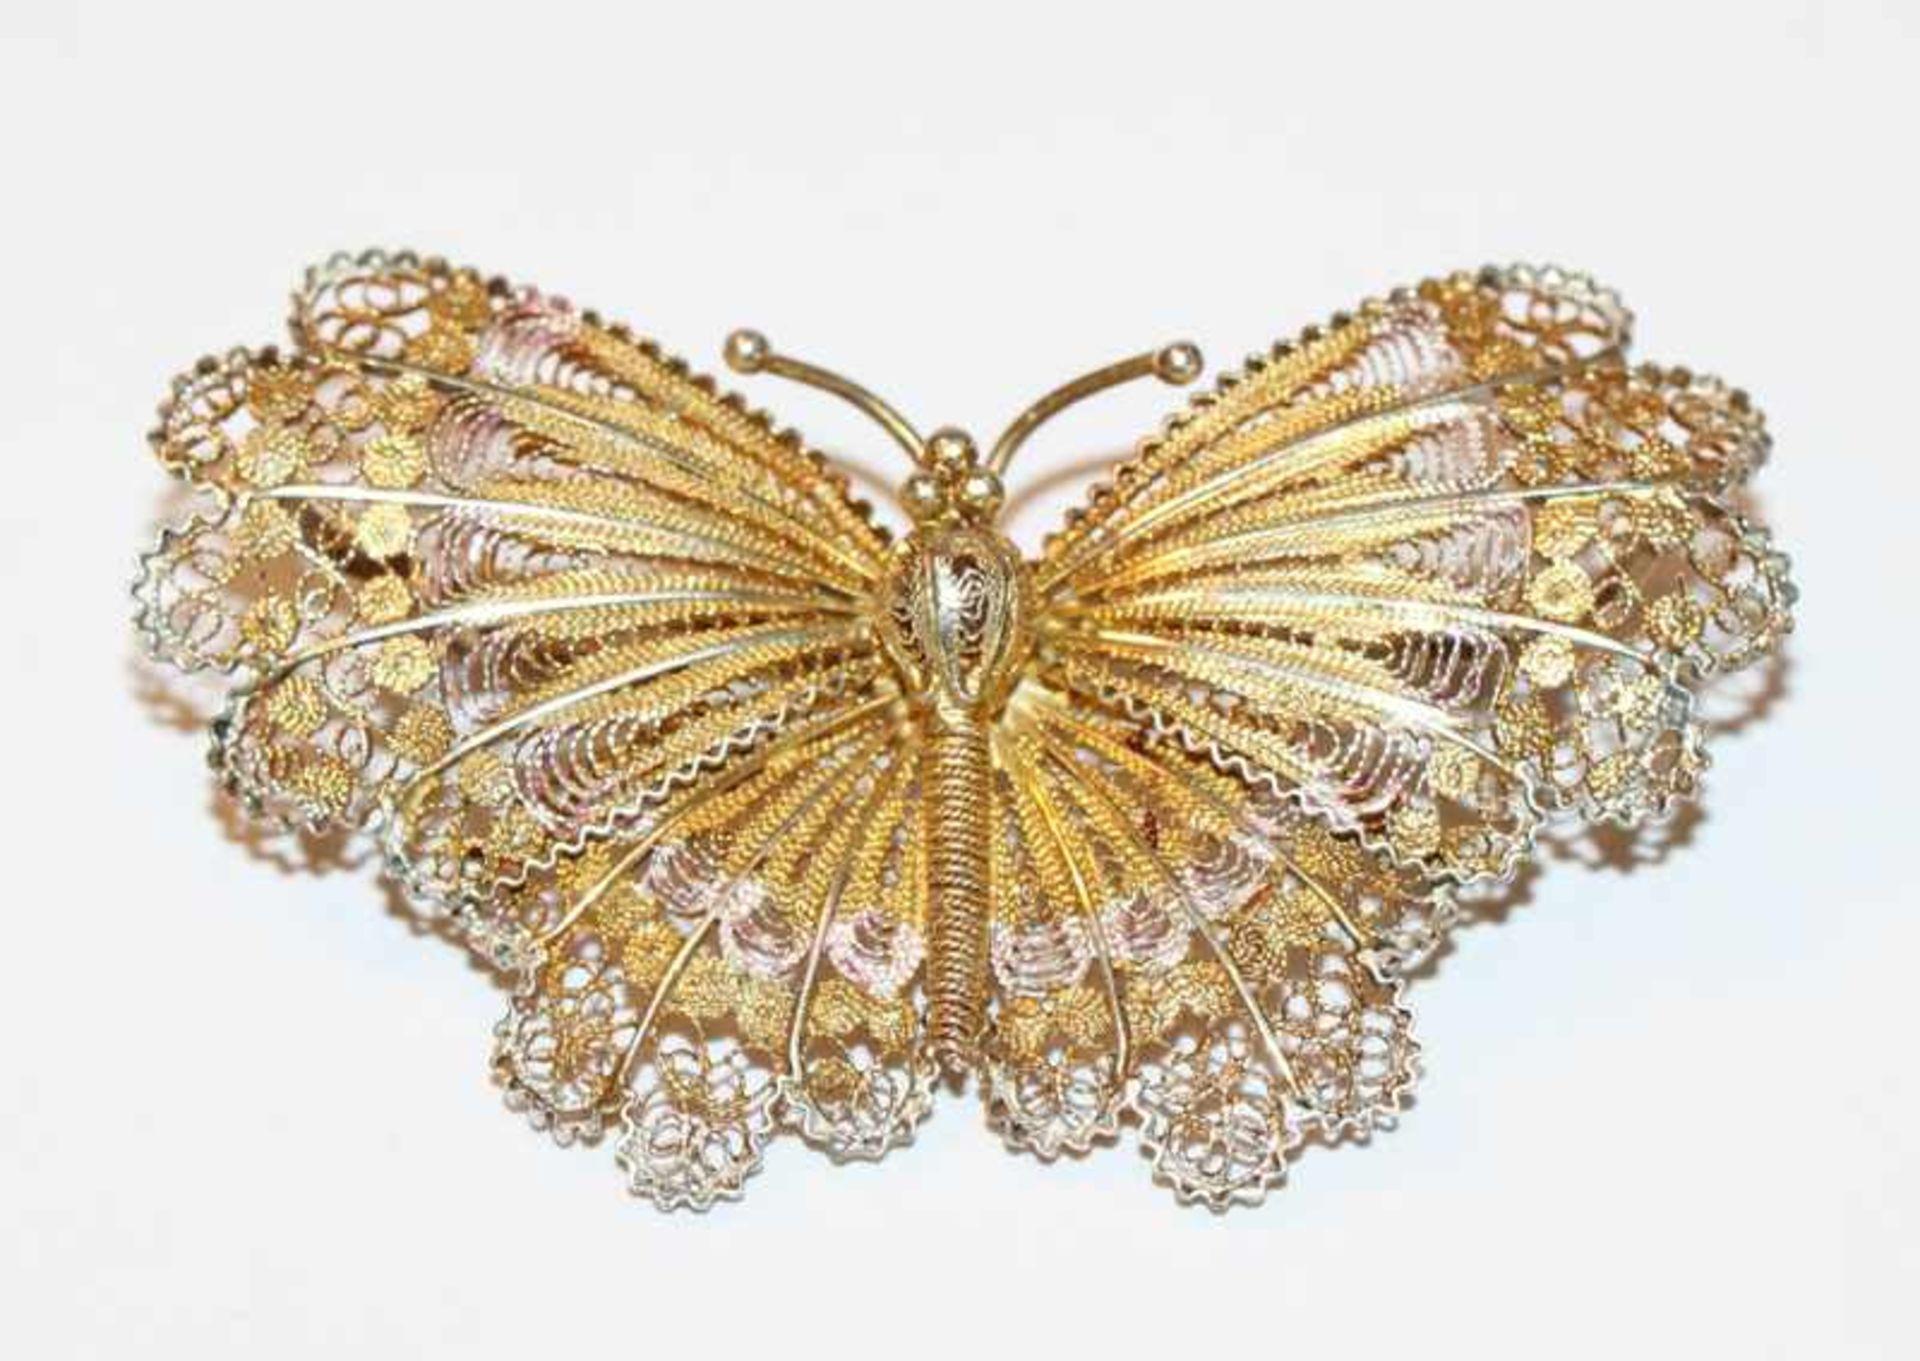 Los 1 - Brosche in Form eines Schmetterlings, 800 Silber, teils vergoldet, filigrane Handarbeit, H 3,5 cm, B